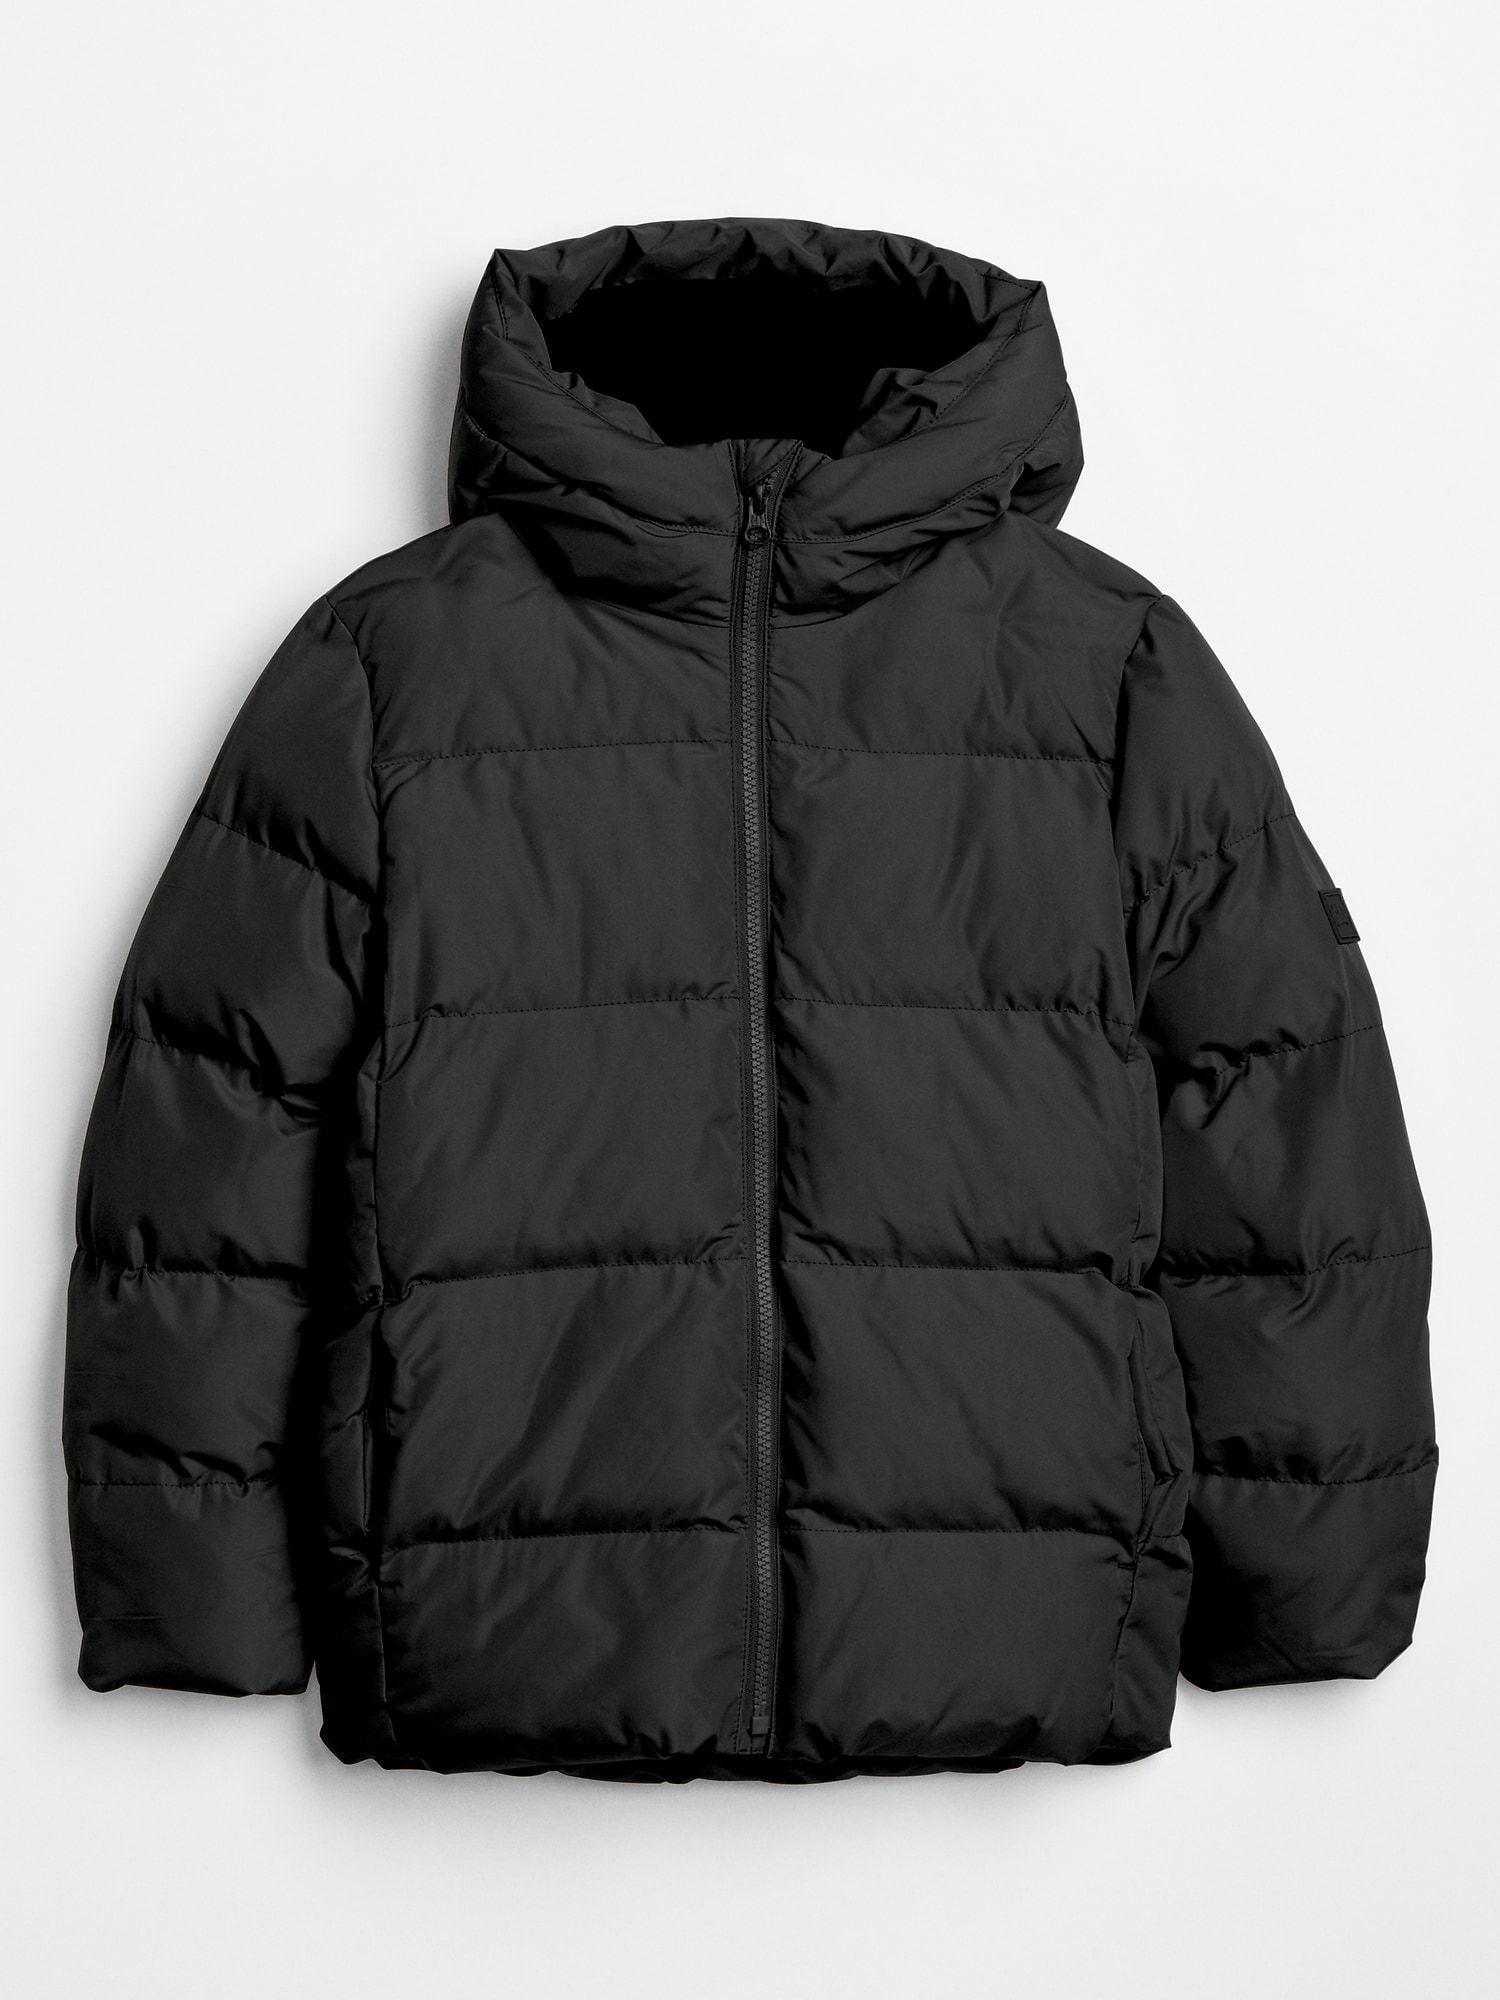 Kids Hooded Puffer Jacket Gap Factory Jackets Puffer Puffer Jackets [ 2000 x 1500 Pixel ]